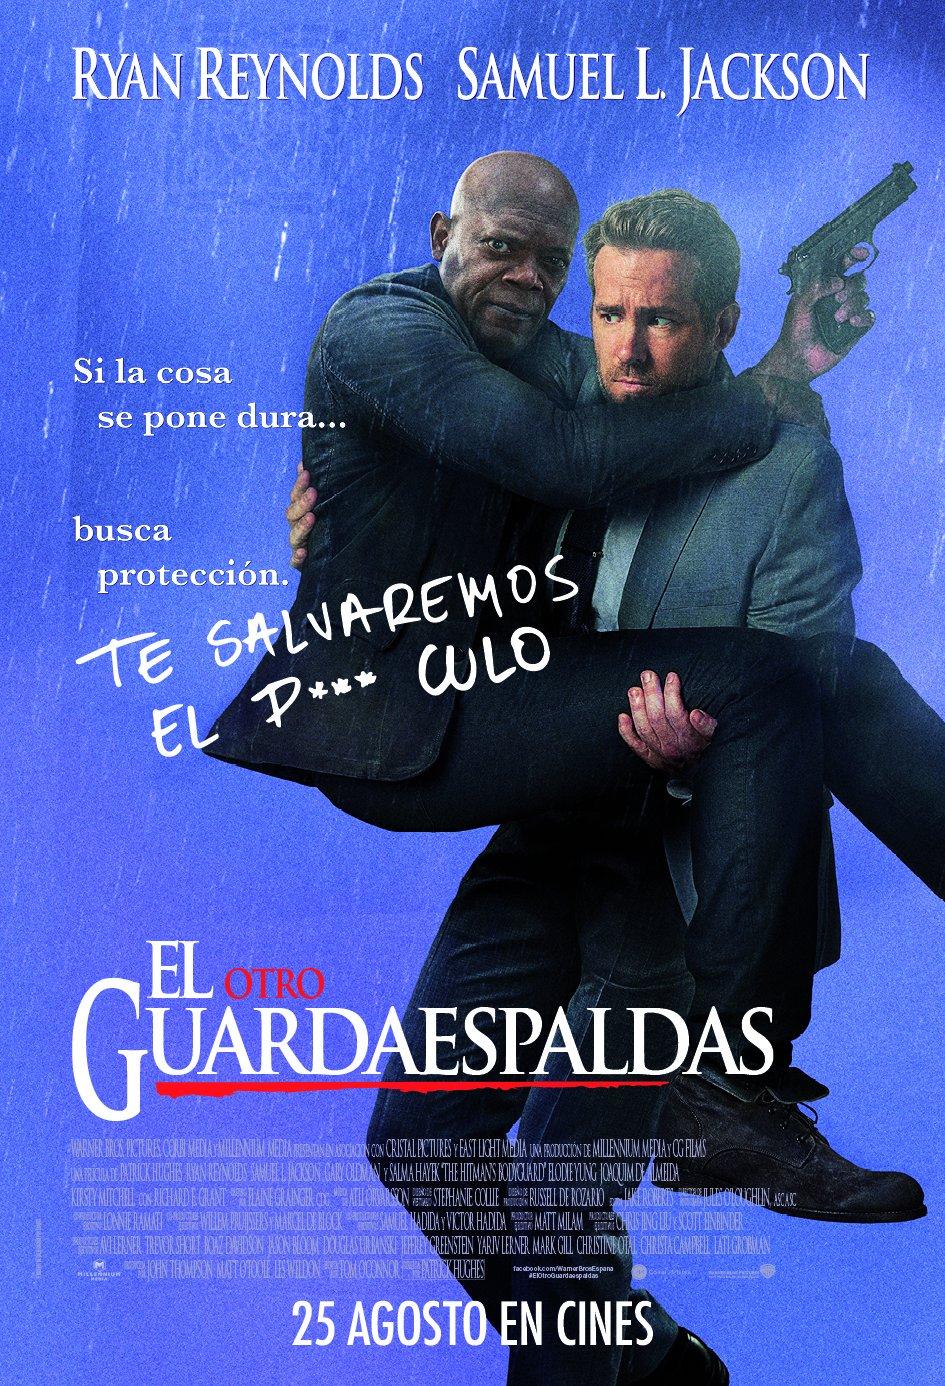 El Otro Guardaespaldas Pelicula 2017 Sensacine Com